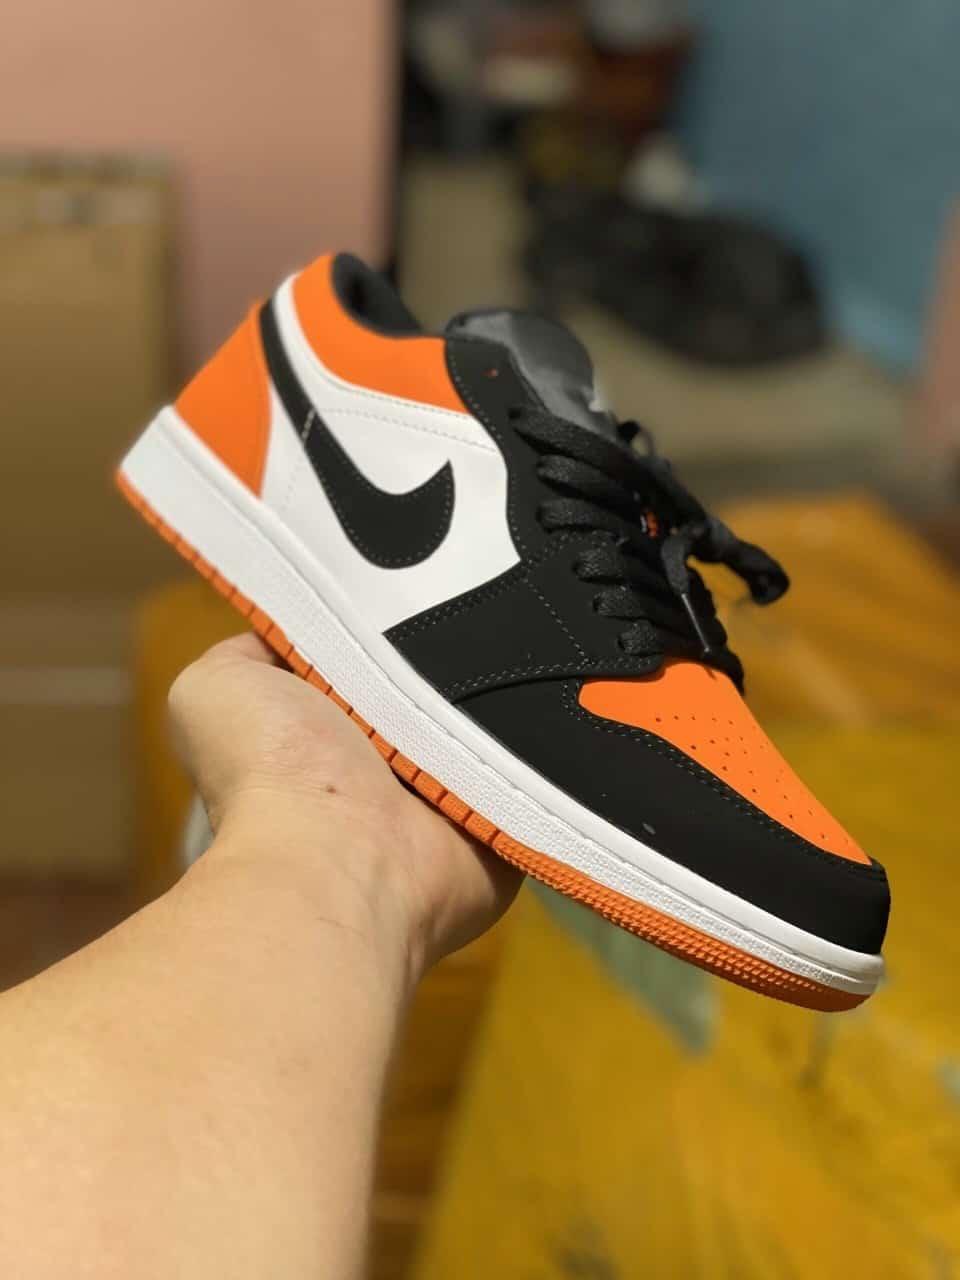 Giày Jordan 1 Low Cam rep 1:1 đi nhẹ, êm chân, chuẩn như hàng thật